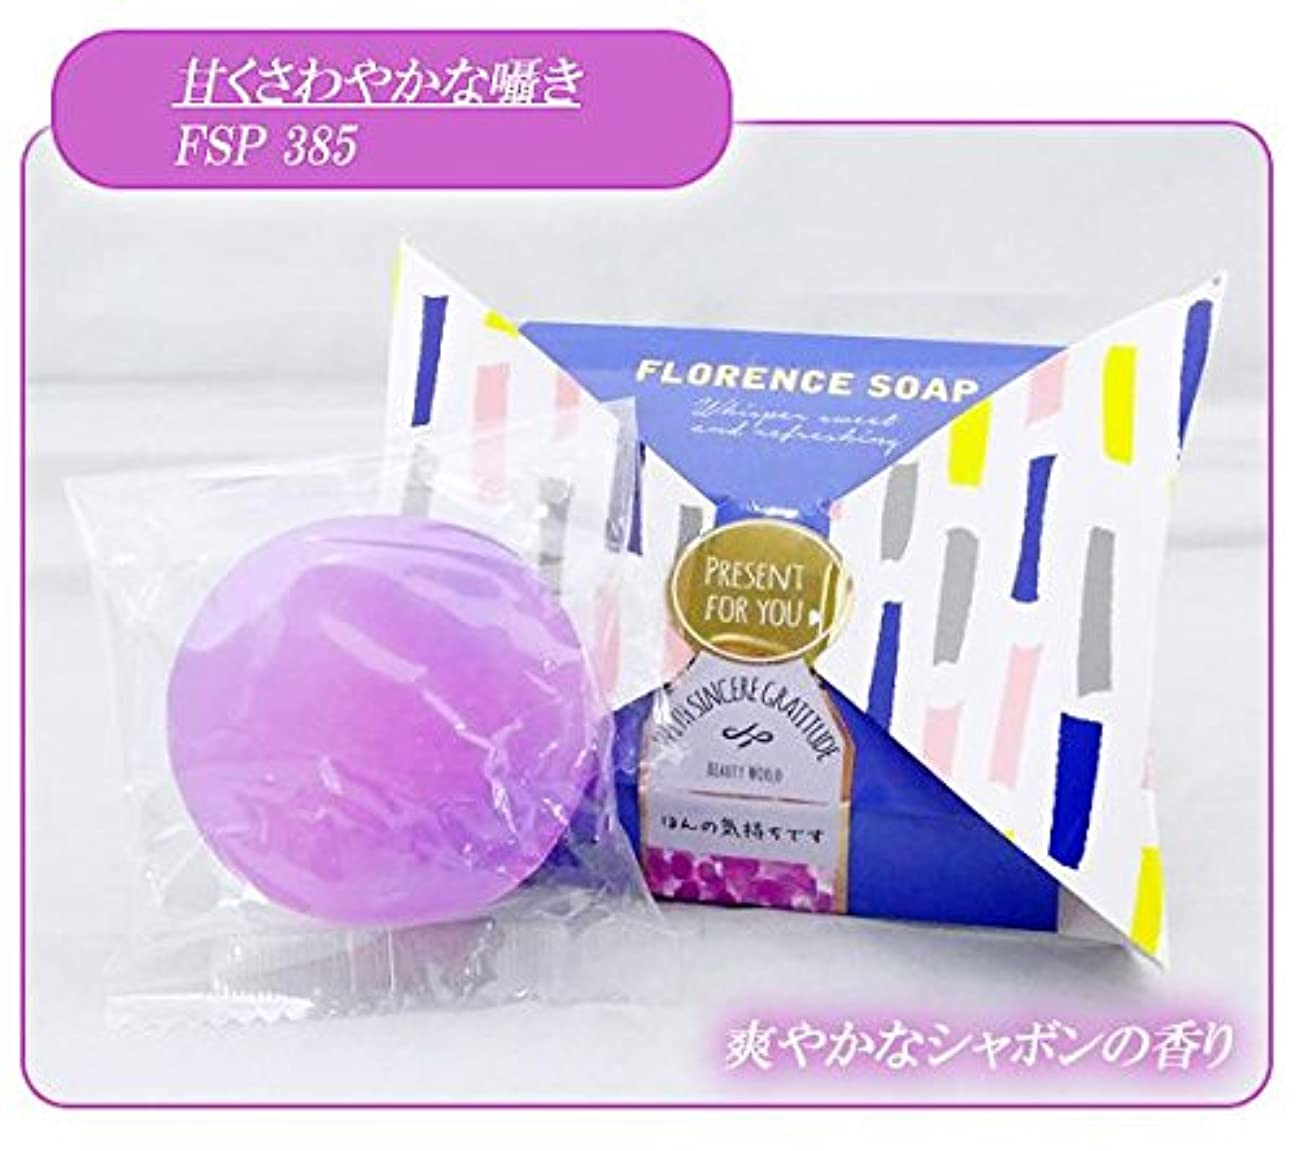 有彩色の重量苦しむビューティーワールド BWフローレンスの香り石けん リボンパッケージ 6個セット 甘くさわやかな囁き